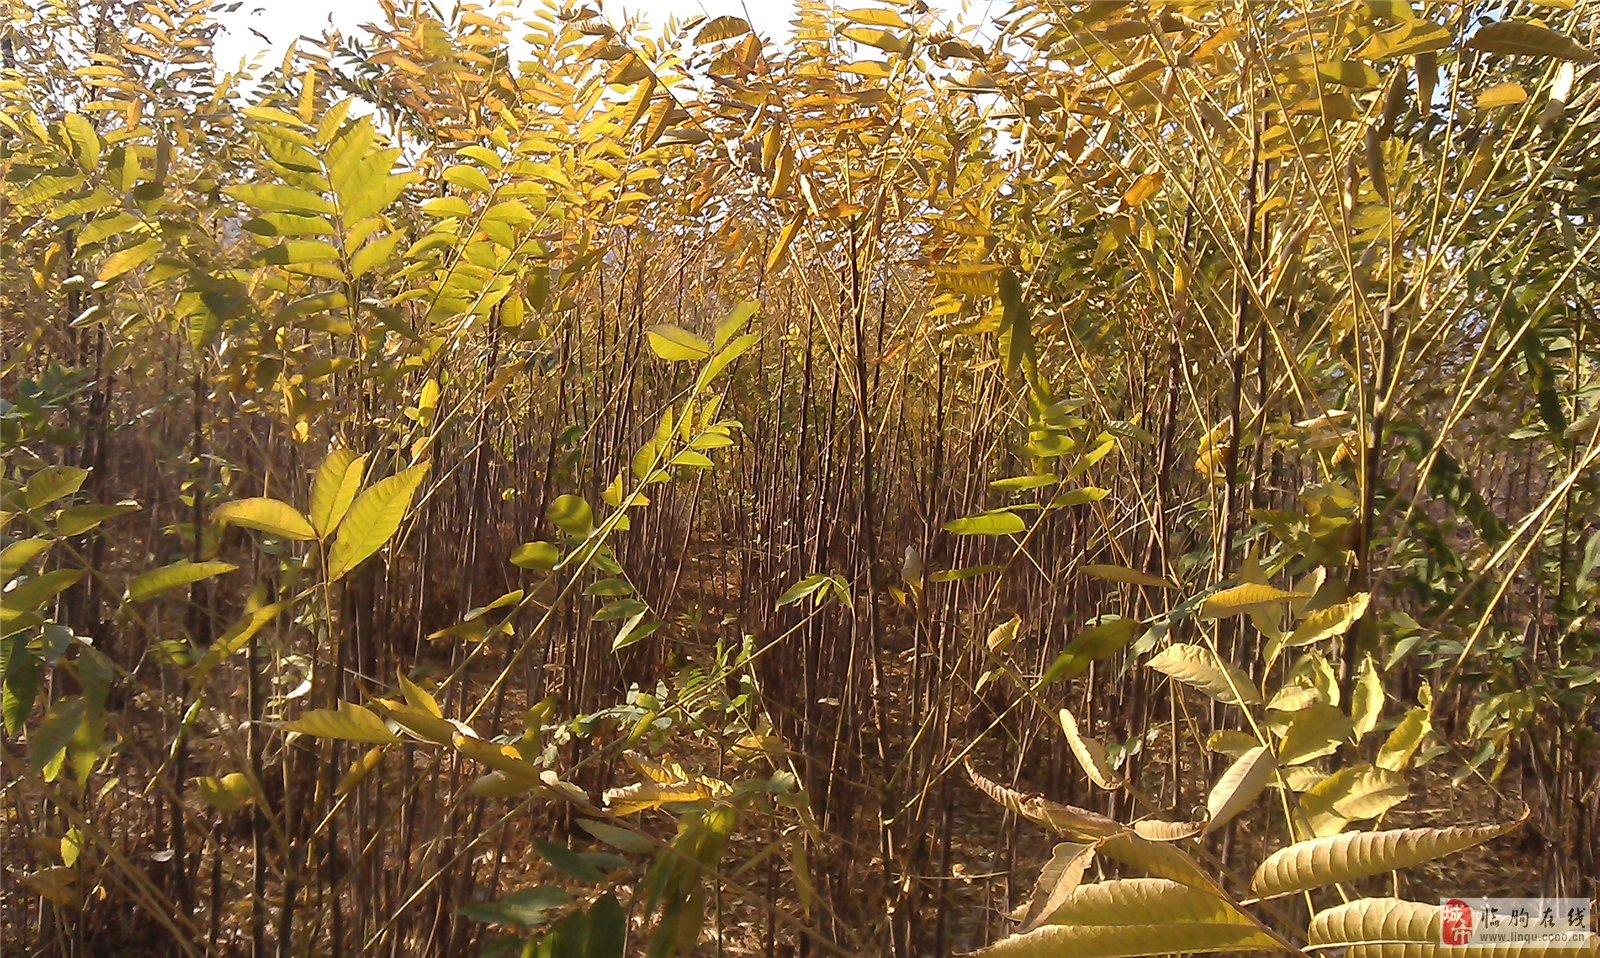 青州市惠民果树苗木专业合作社简介   青州市惠民果树苗木专业合作社是山东省专门从事果树及绿化树木栽培研究、苗木繁育的单位。本社靠优良的种苗、过硬的技术、良好的信誉、真诚的服务,带出了一大批十万元、百万元种植大户,让全国许多农民兄弟率先过上了小康生活,取得了巨大的社会效益、生态效益和经济效益!   本社总部位于山东省青州市弥河镇小章庄村,在何官镇南张楼社区,邵庄镇陈家车马村,益都街道办事处冉家村;临朐县城关街道办事处教场村等社区和村庄,建有高标准的名优特稀果树苗木、绿化苗木种植基地,各基地交通便利,区位优越